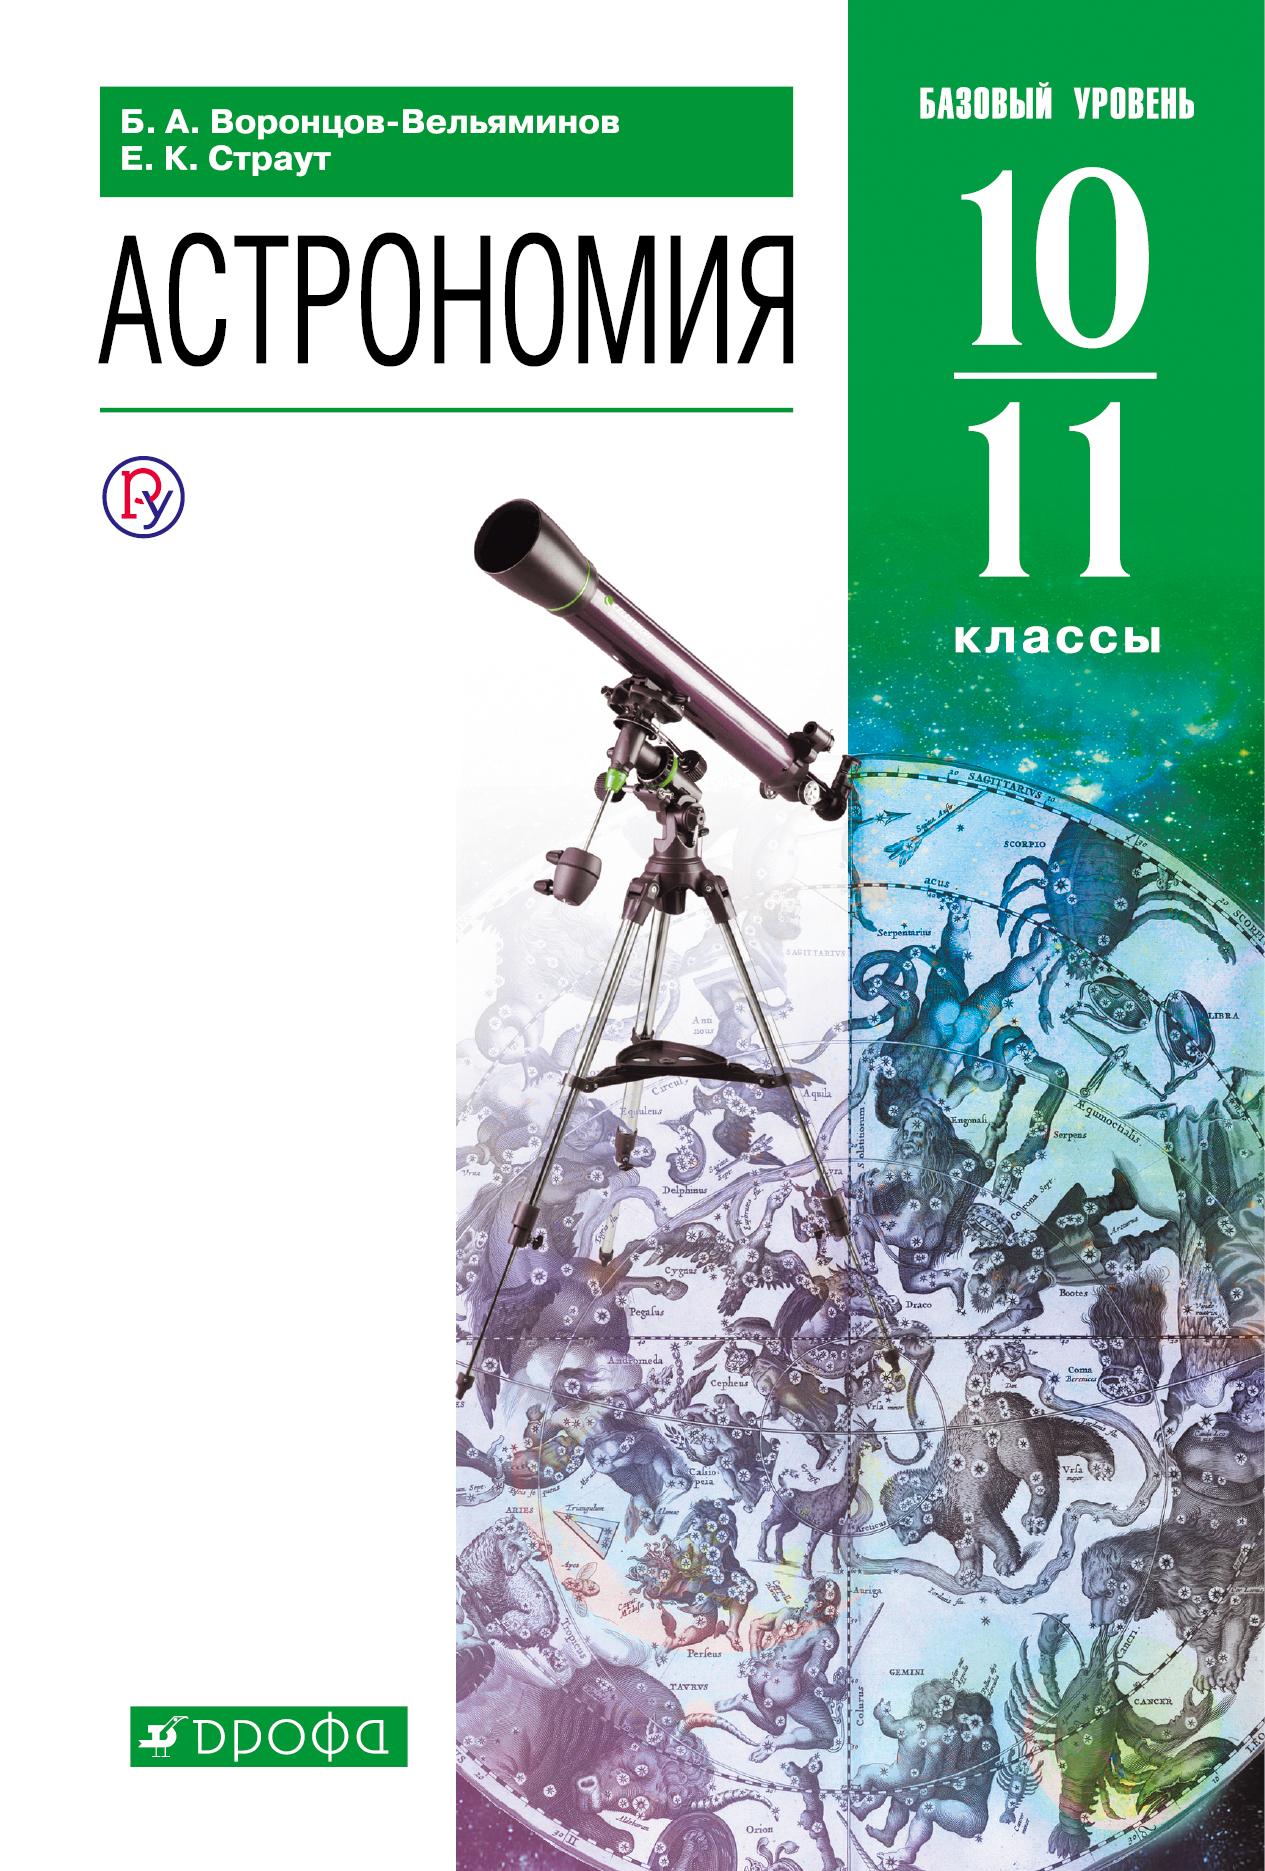 Воронцов-Вельяминов Б.А., Страут Е.К. Астрономия. 10-11 классы. Базовый уровень. Учебник. б а воронцов вельяминов е к страут астрономия 11 класс базовый уровень учебник